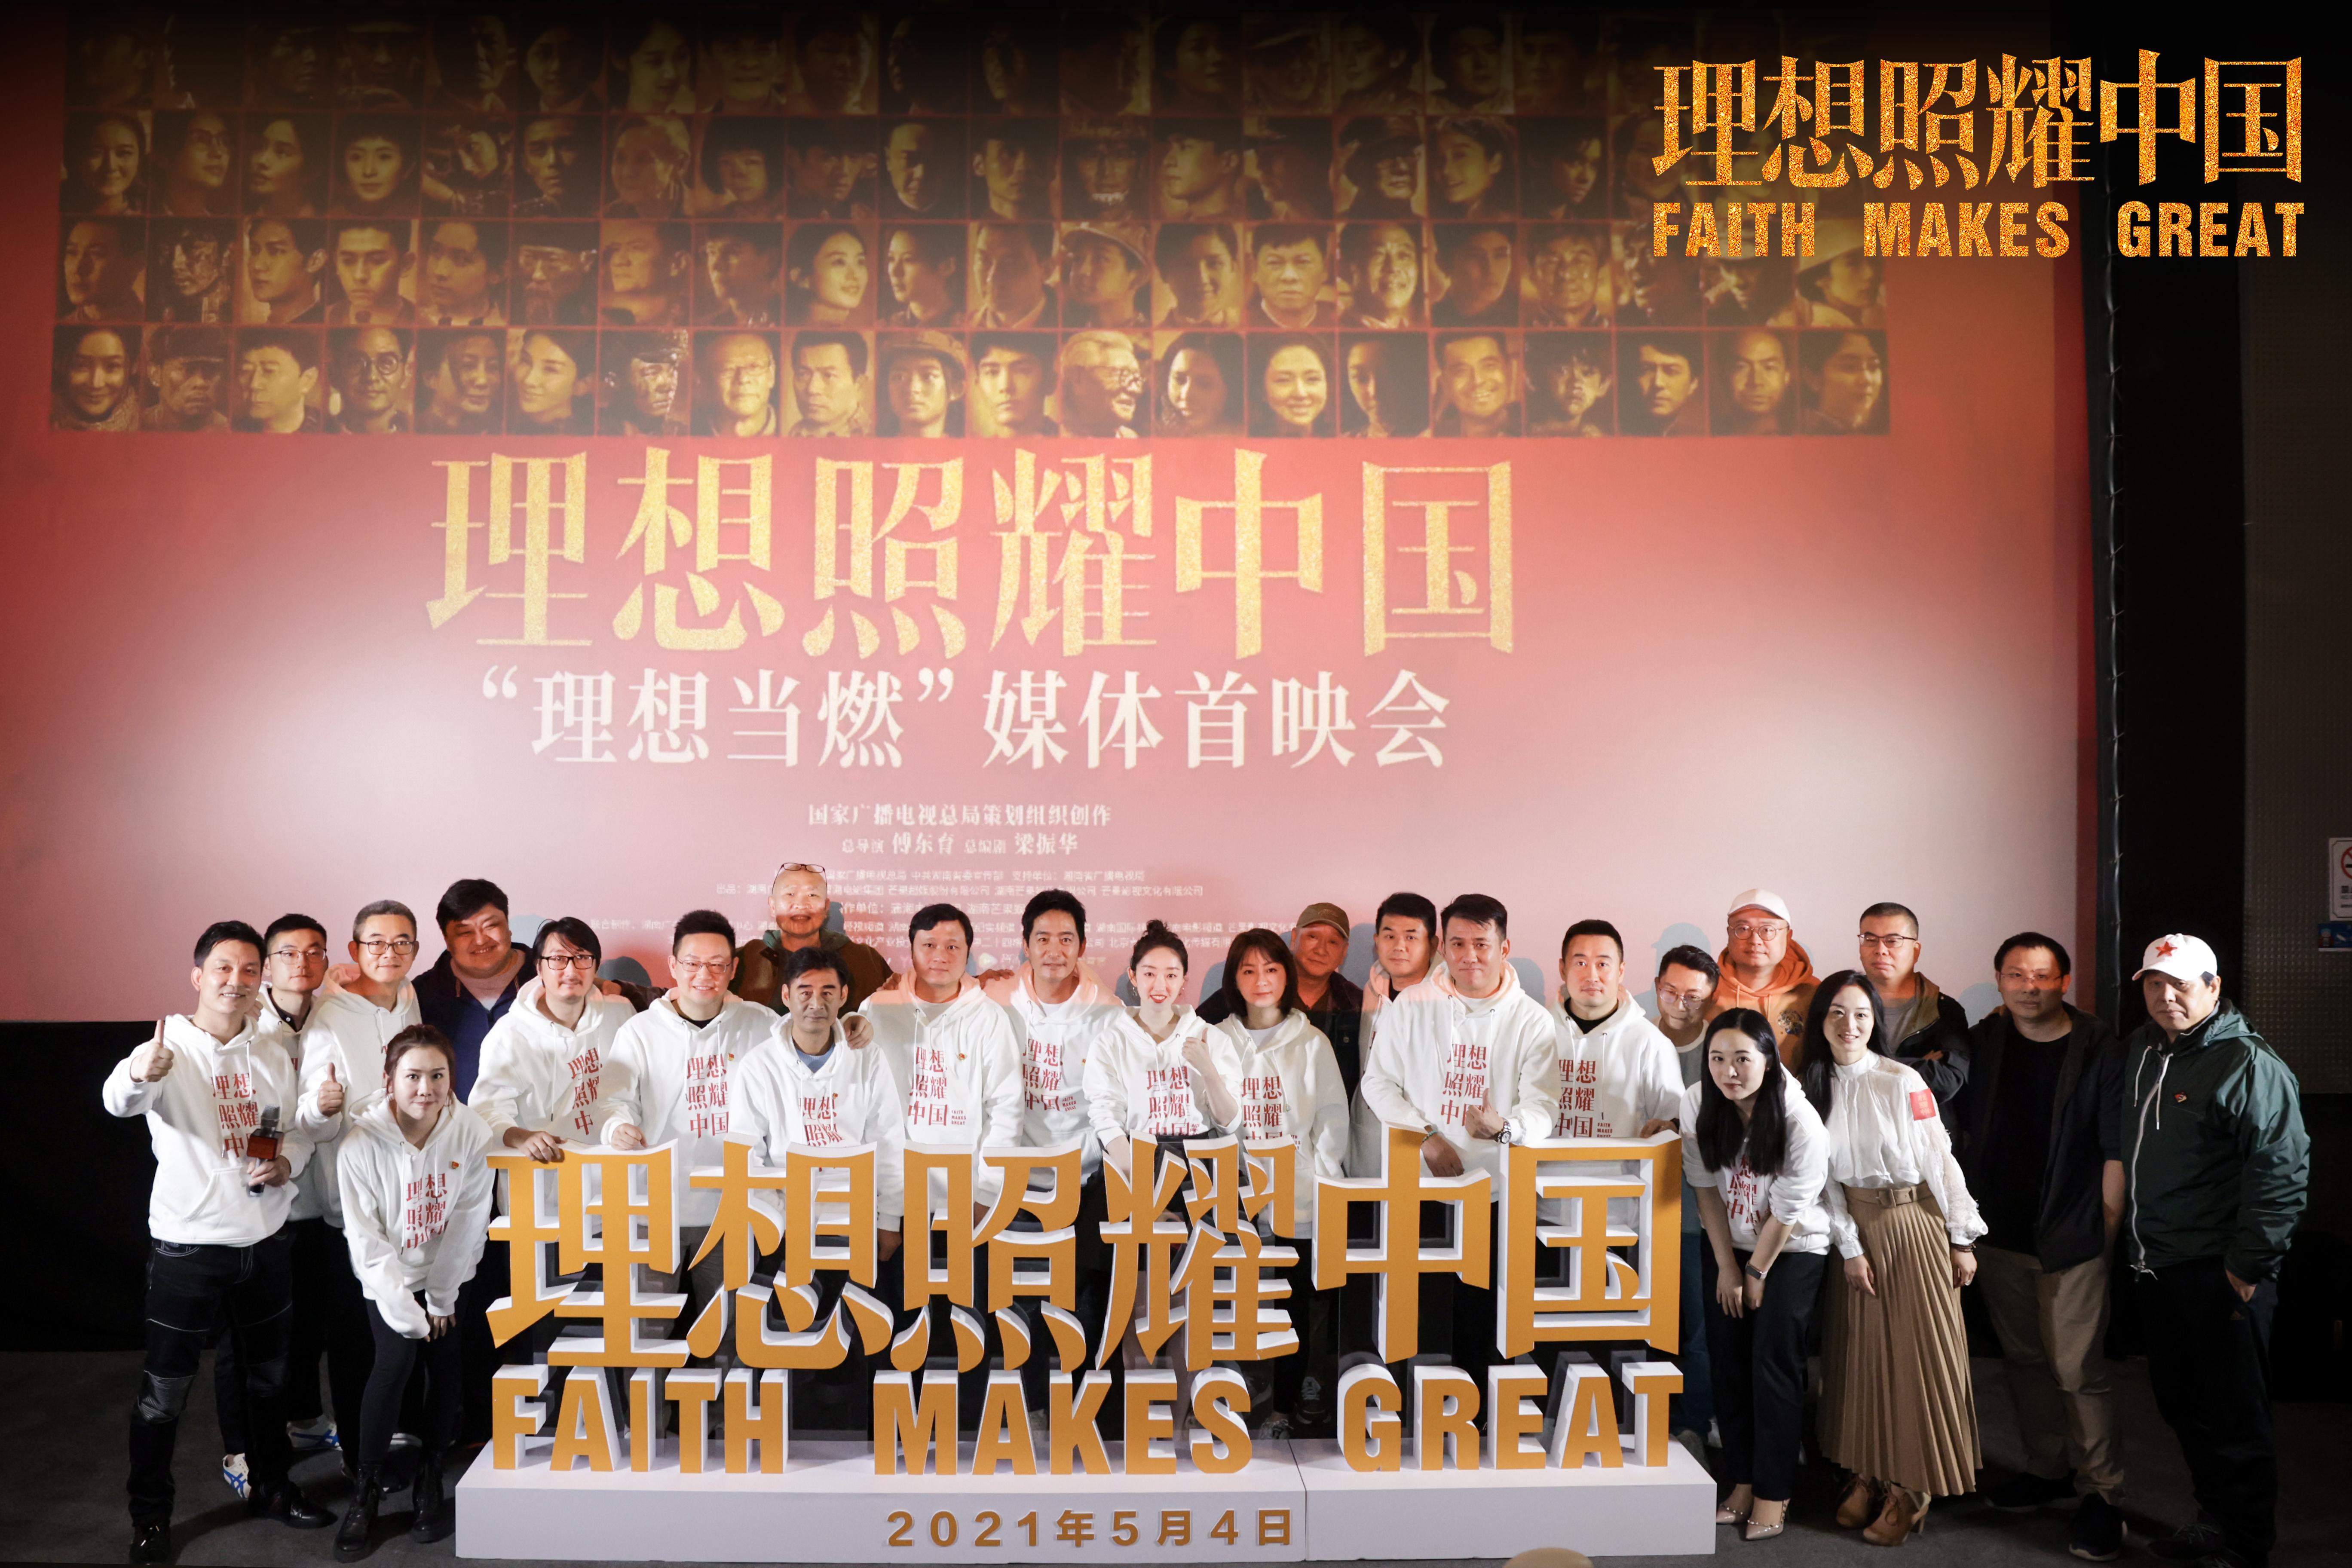 梁振华谈《理想照耀中国》:40个故事40种风格